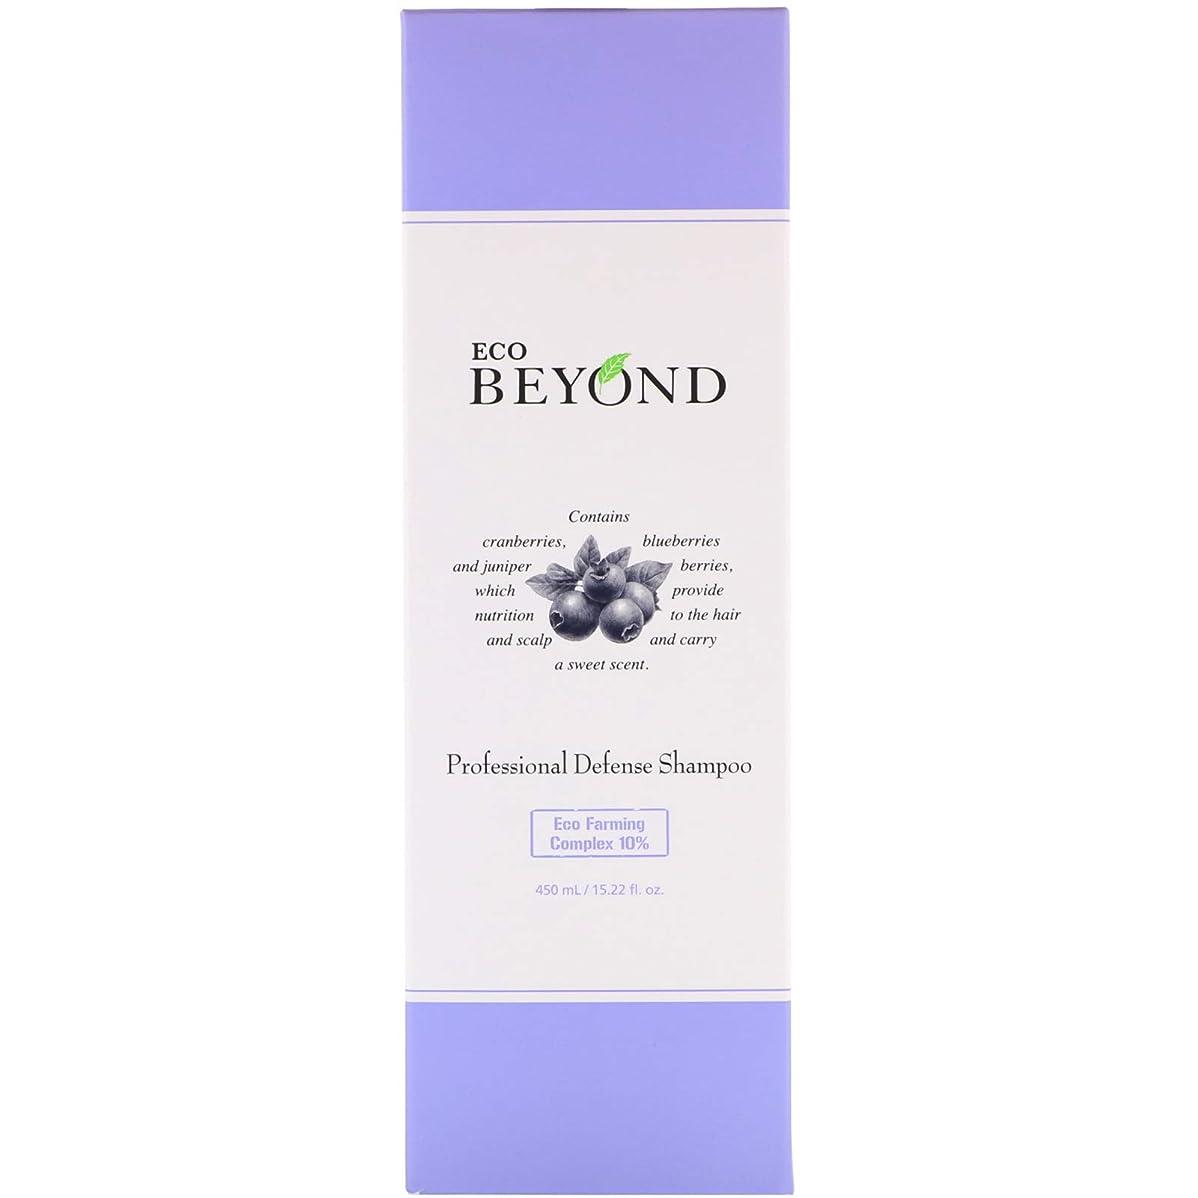 誇り遺跡露骨な[ビヨンド] BEYOND [プロフェッショナル ディフェンス シャンプー 450ml] Professional Defense Shampoo 450ml [海外直送品]